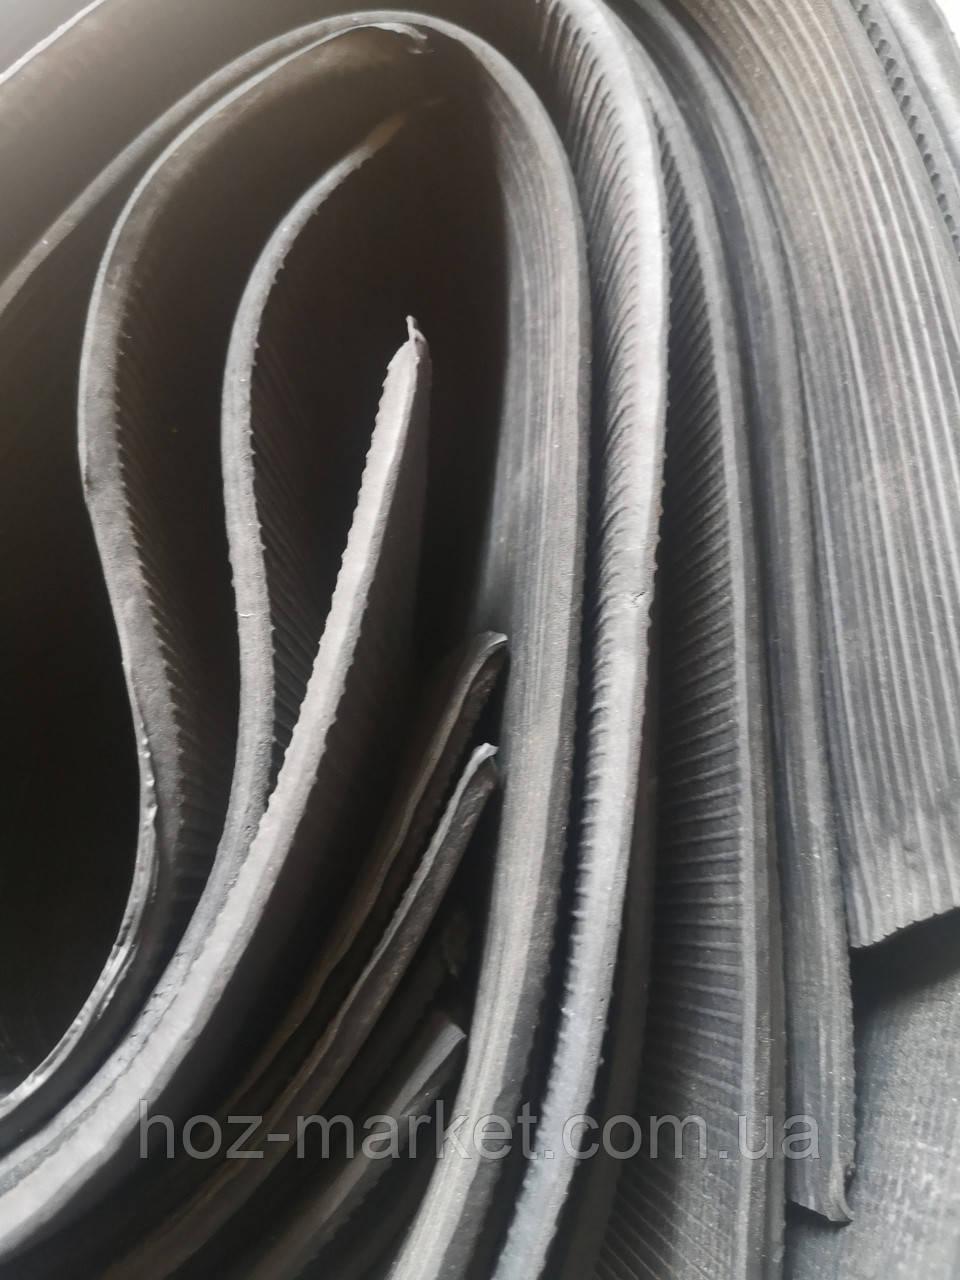 Пластины пористые, губчатые 5-20мм